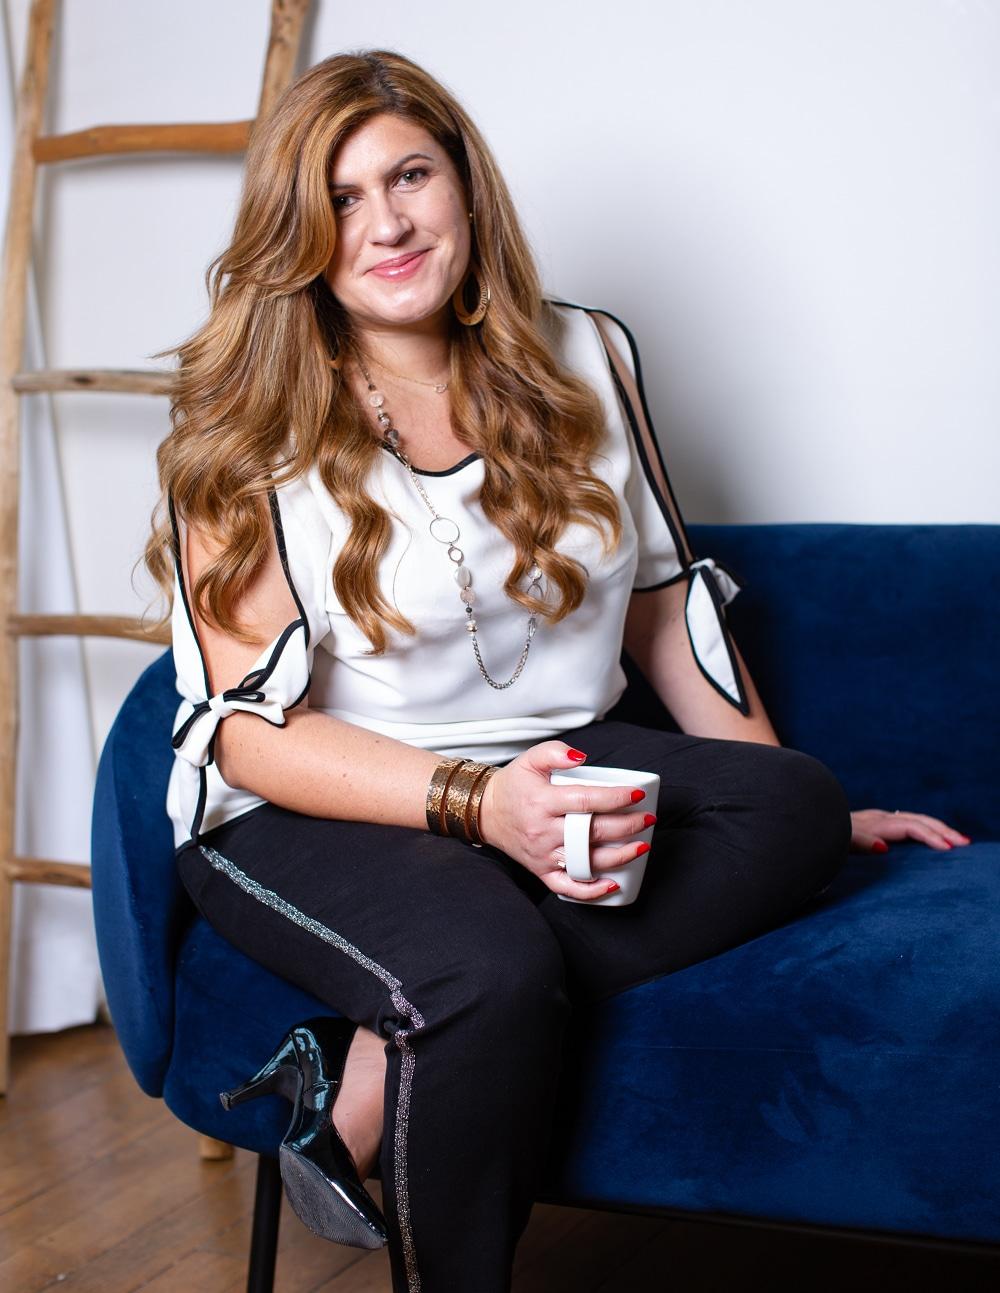 Cristina Marques - Thérapeute spécialisée dans la dépendance affective et les relations de couple